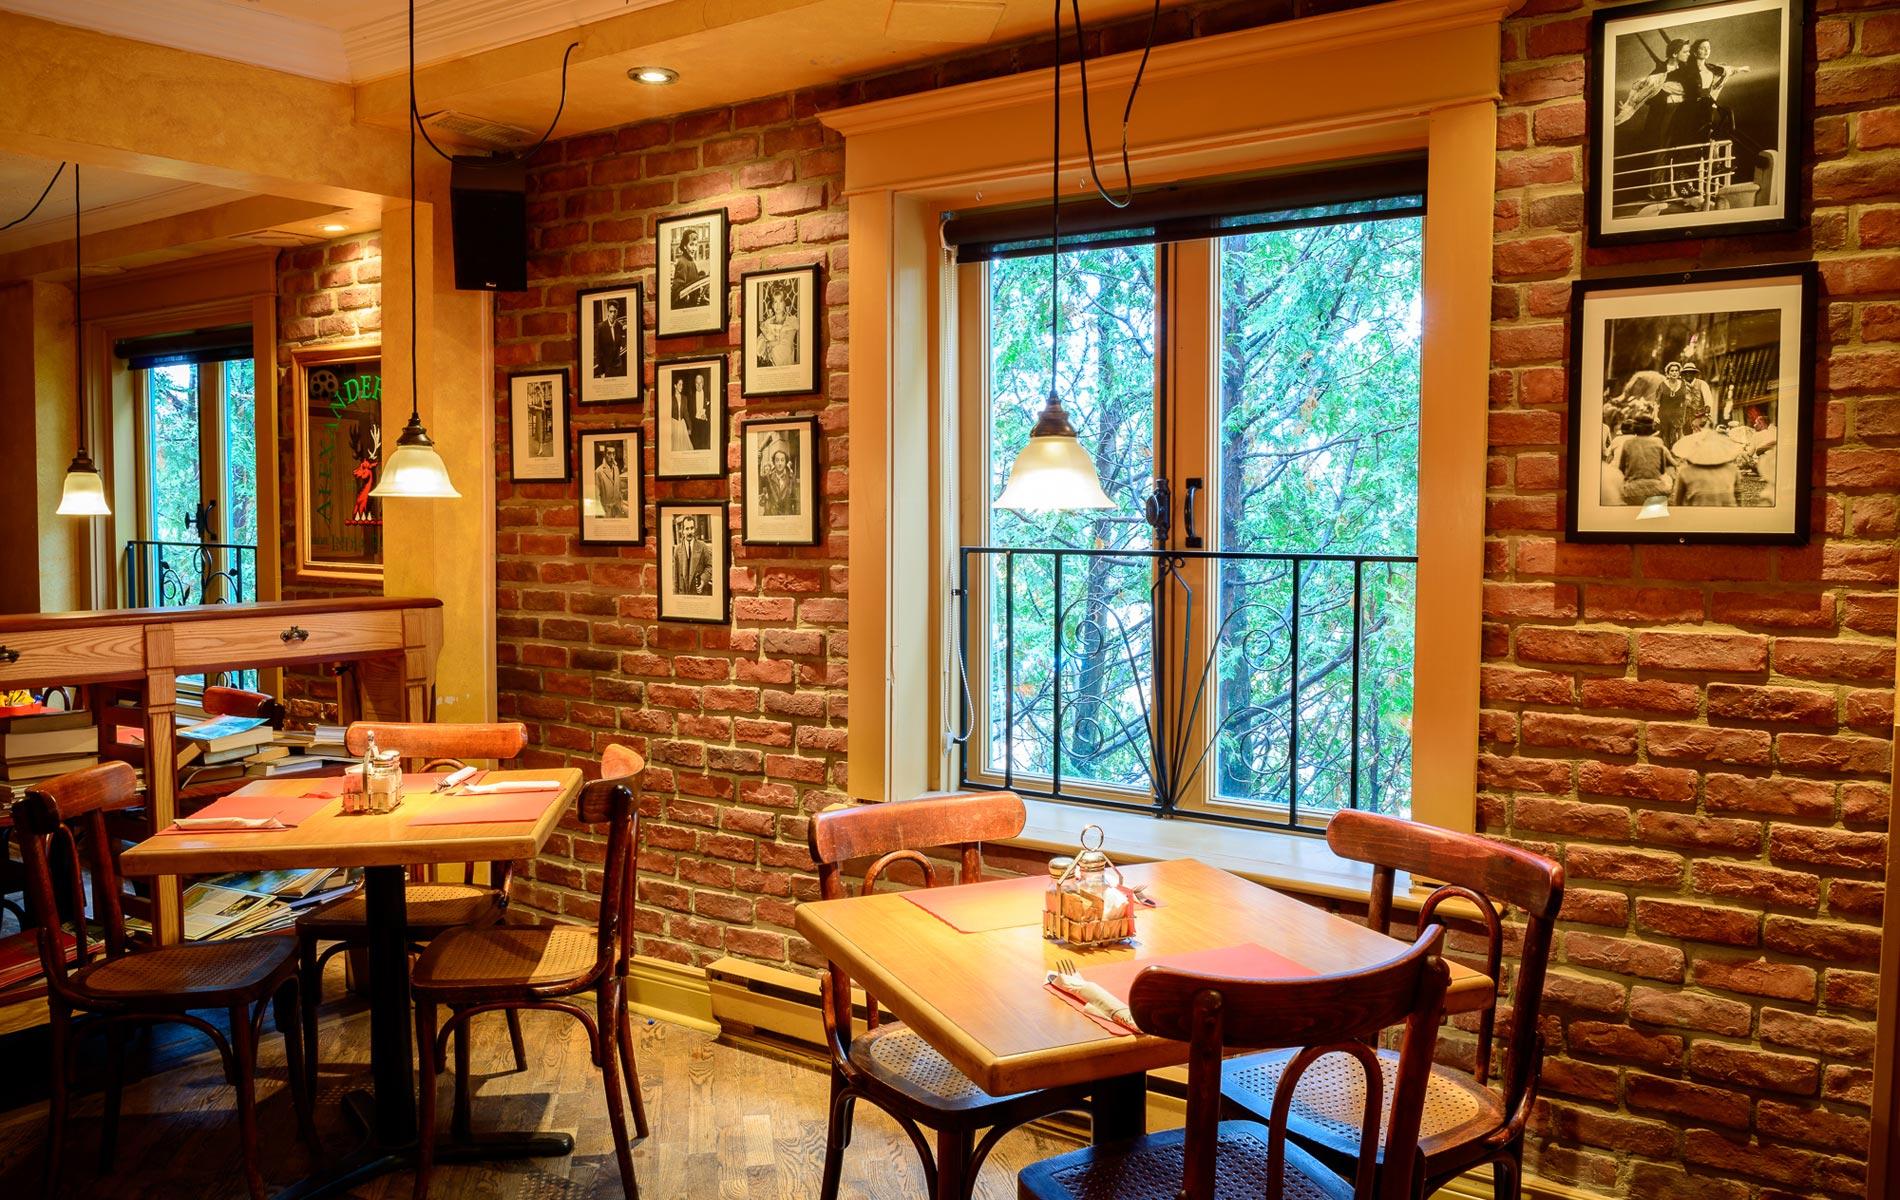 Restaurant Cafe Vandkanten Korsor